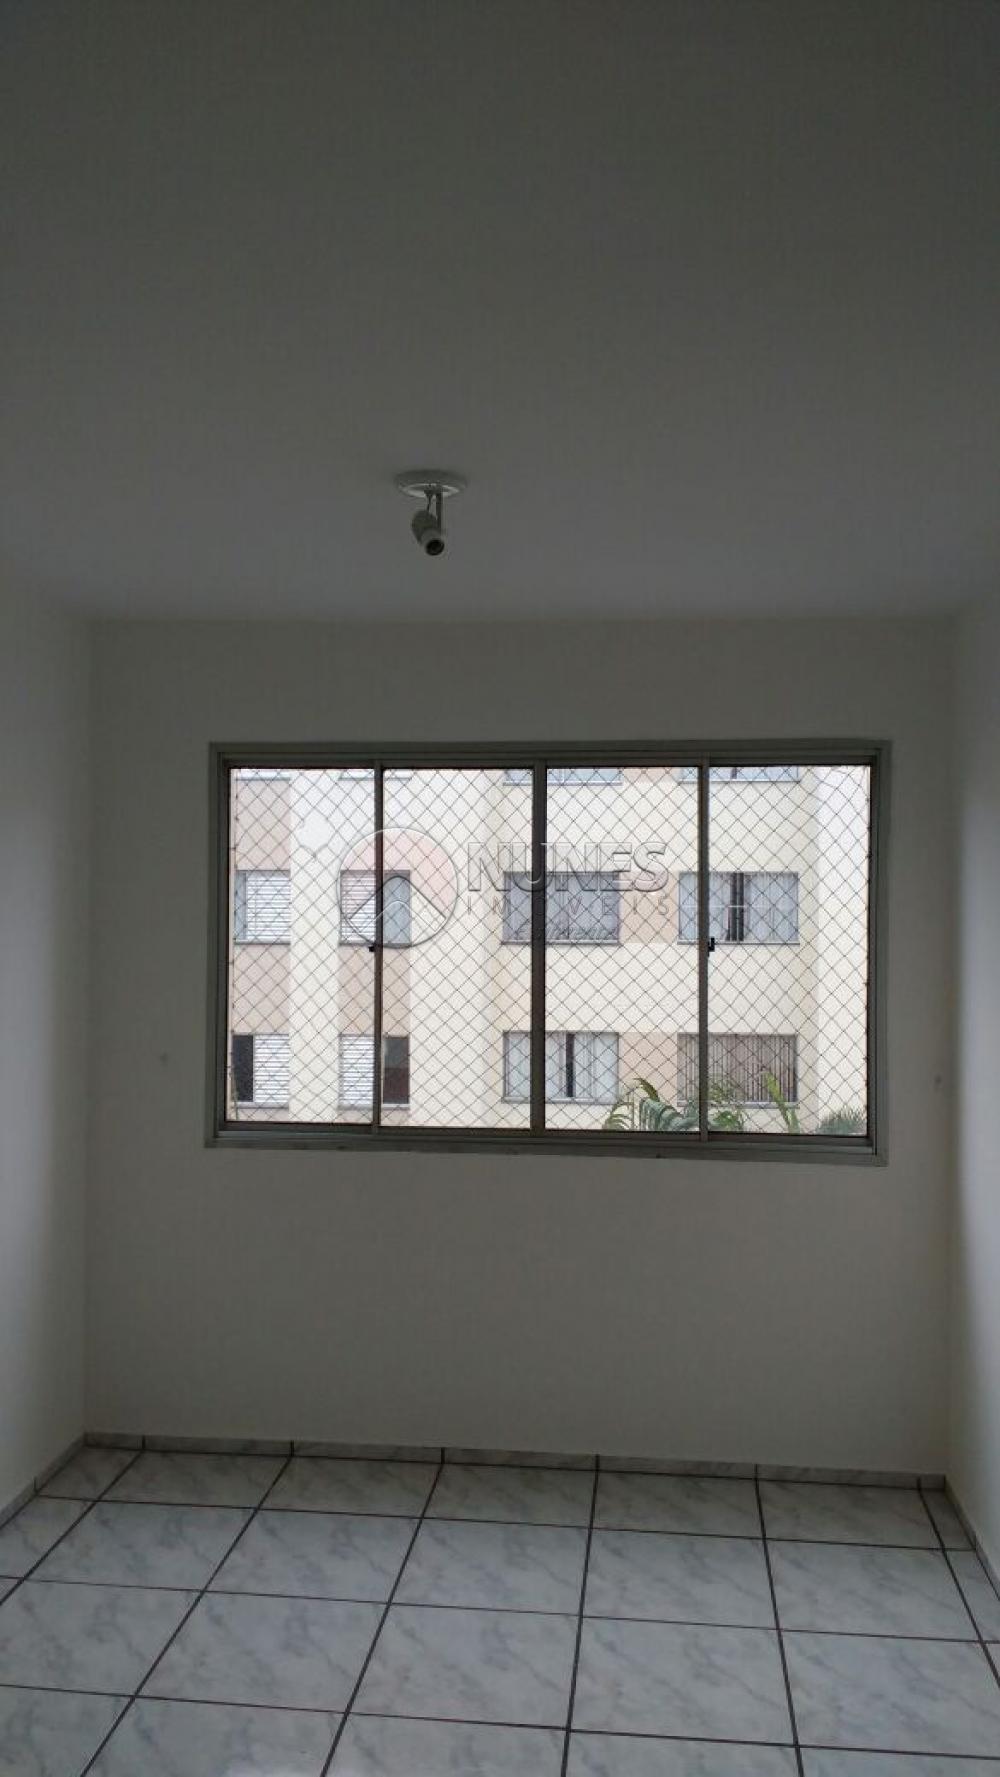 Comprar Apartamento / Padrão em São Paulo apenas R$ 199.000,00 - Foto 3